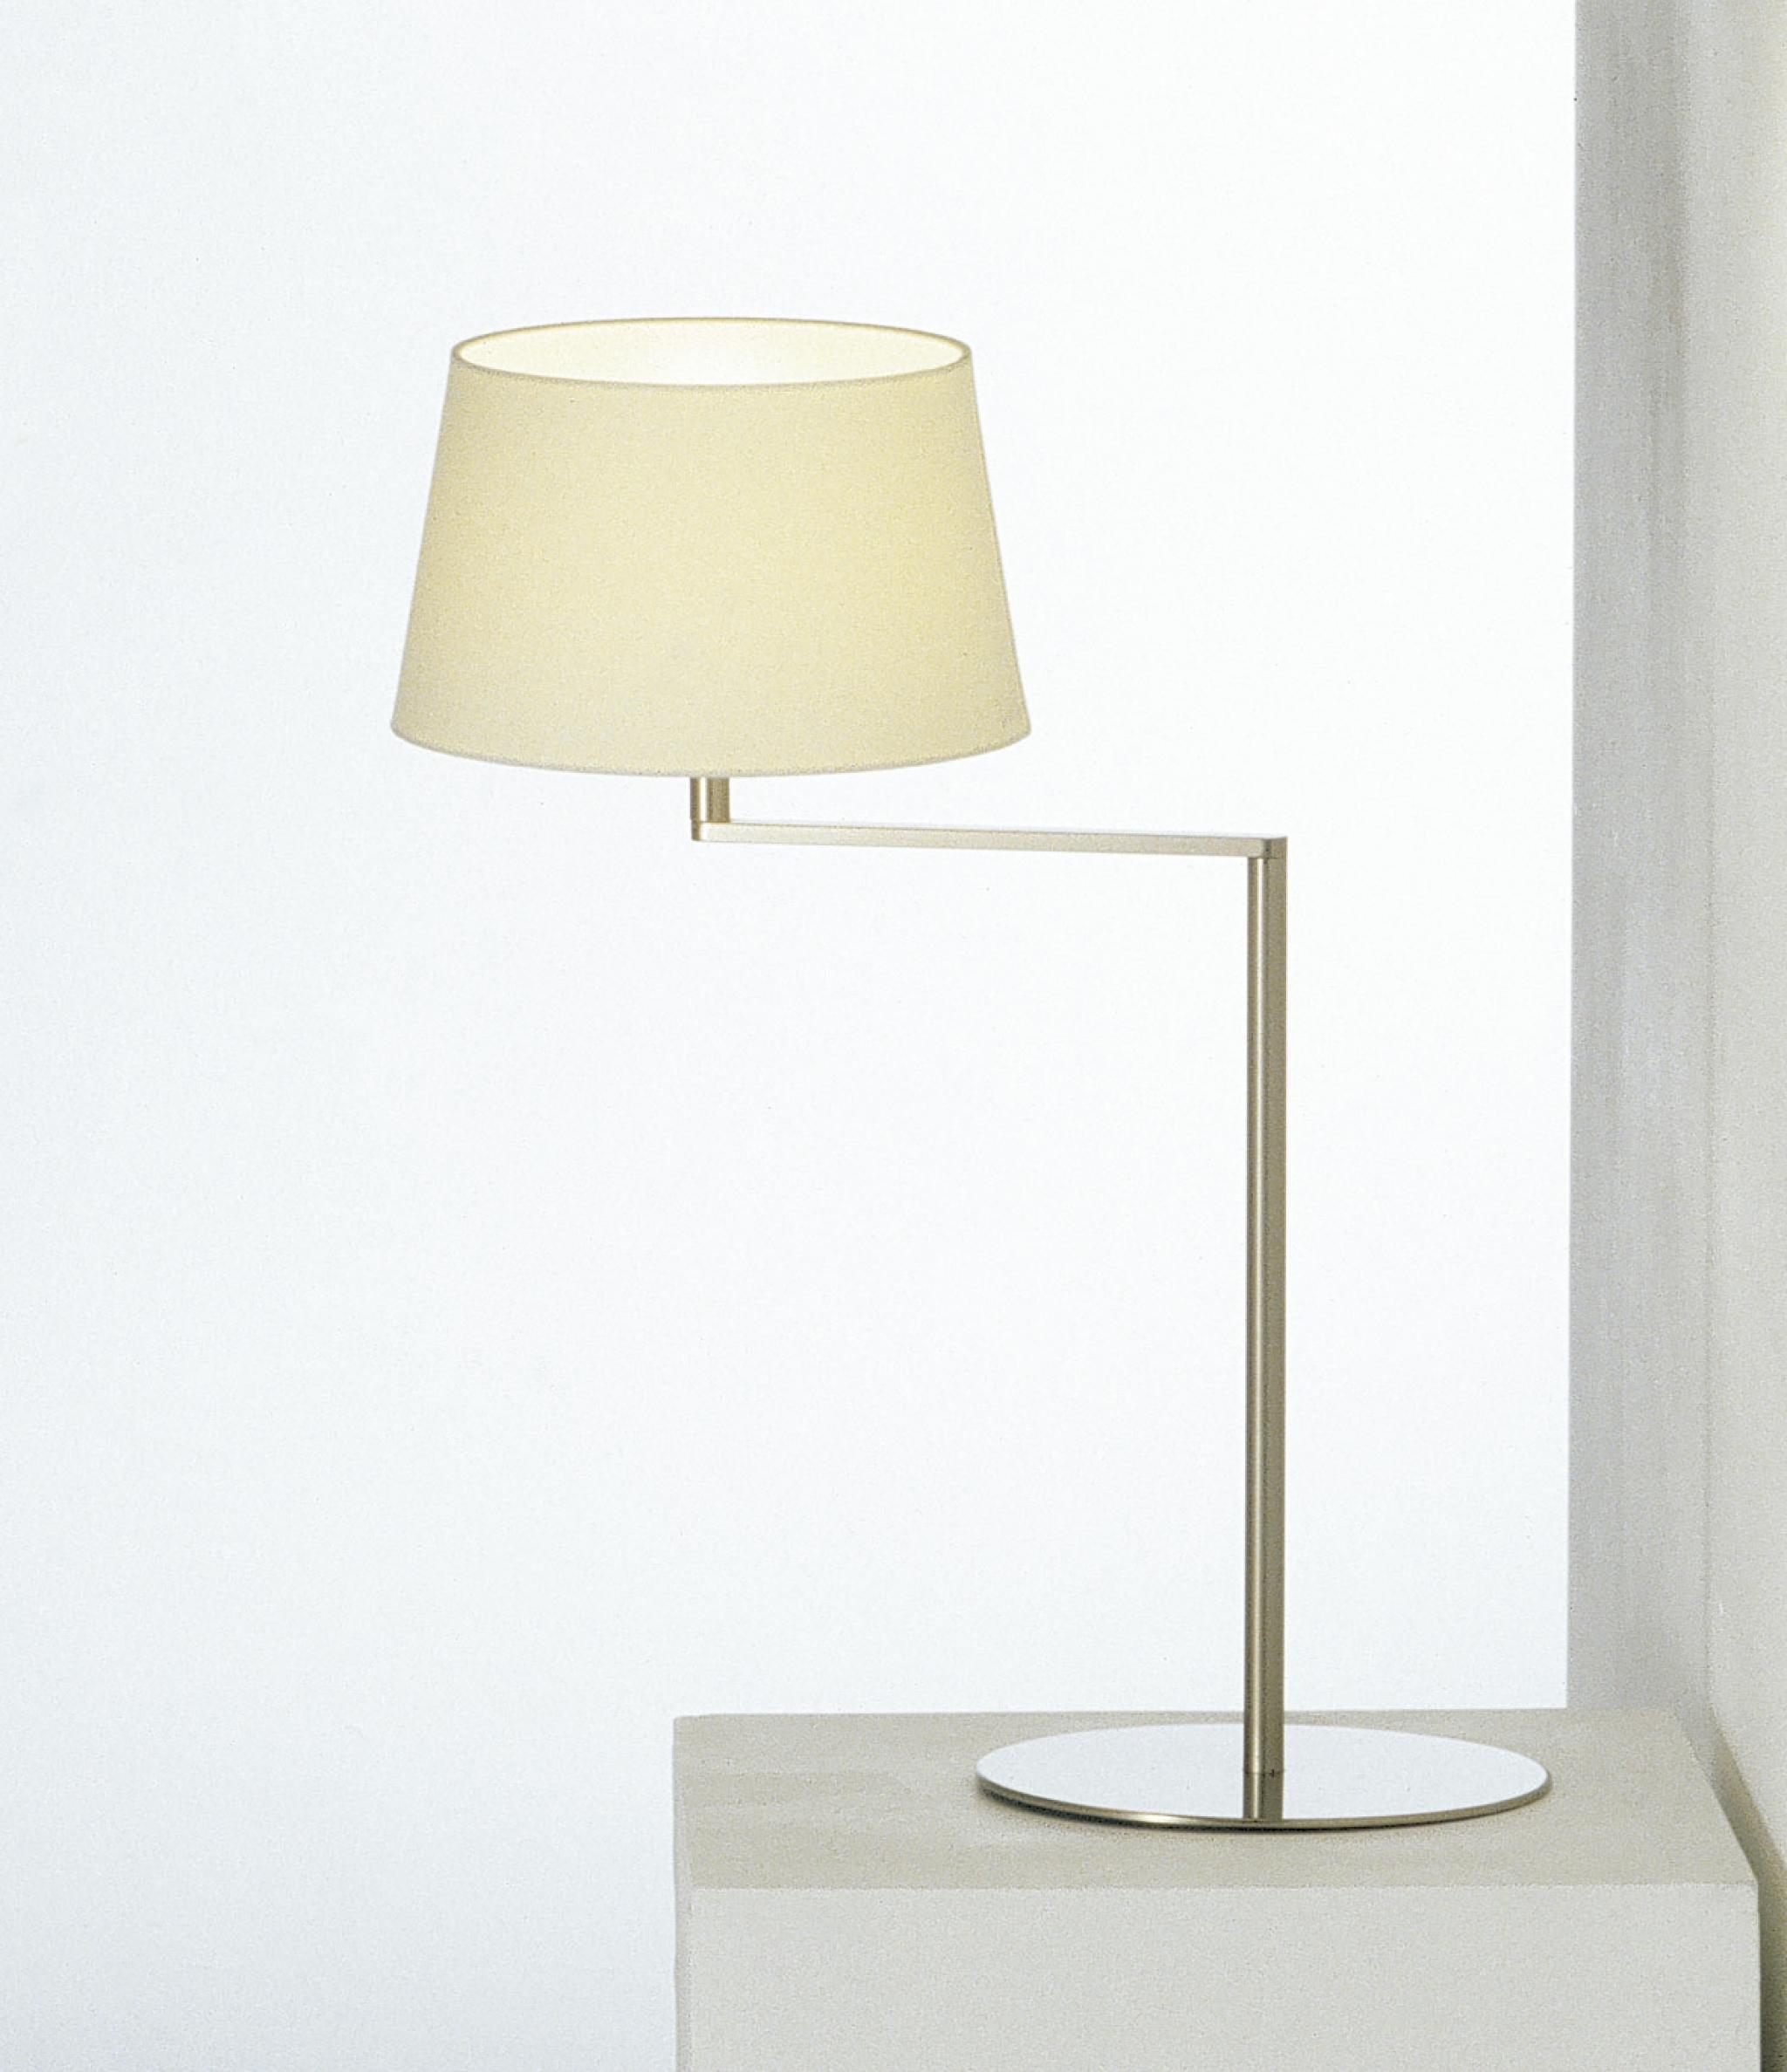 Lamparas y apliques good lampara de cuerda original - Lamparas y apliques ...